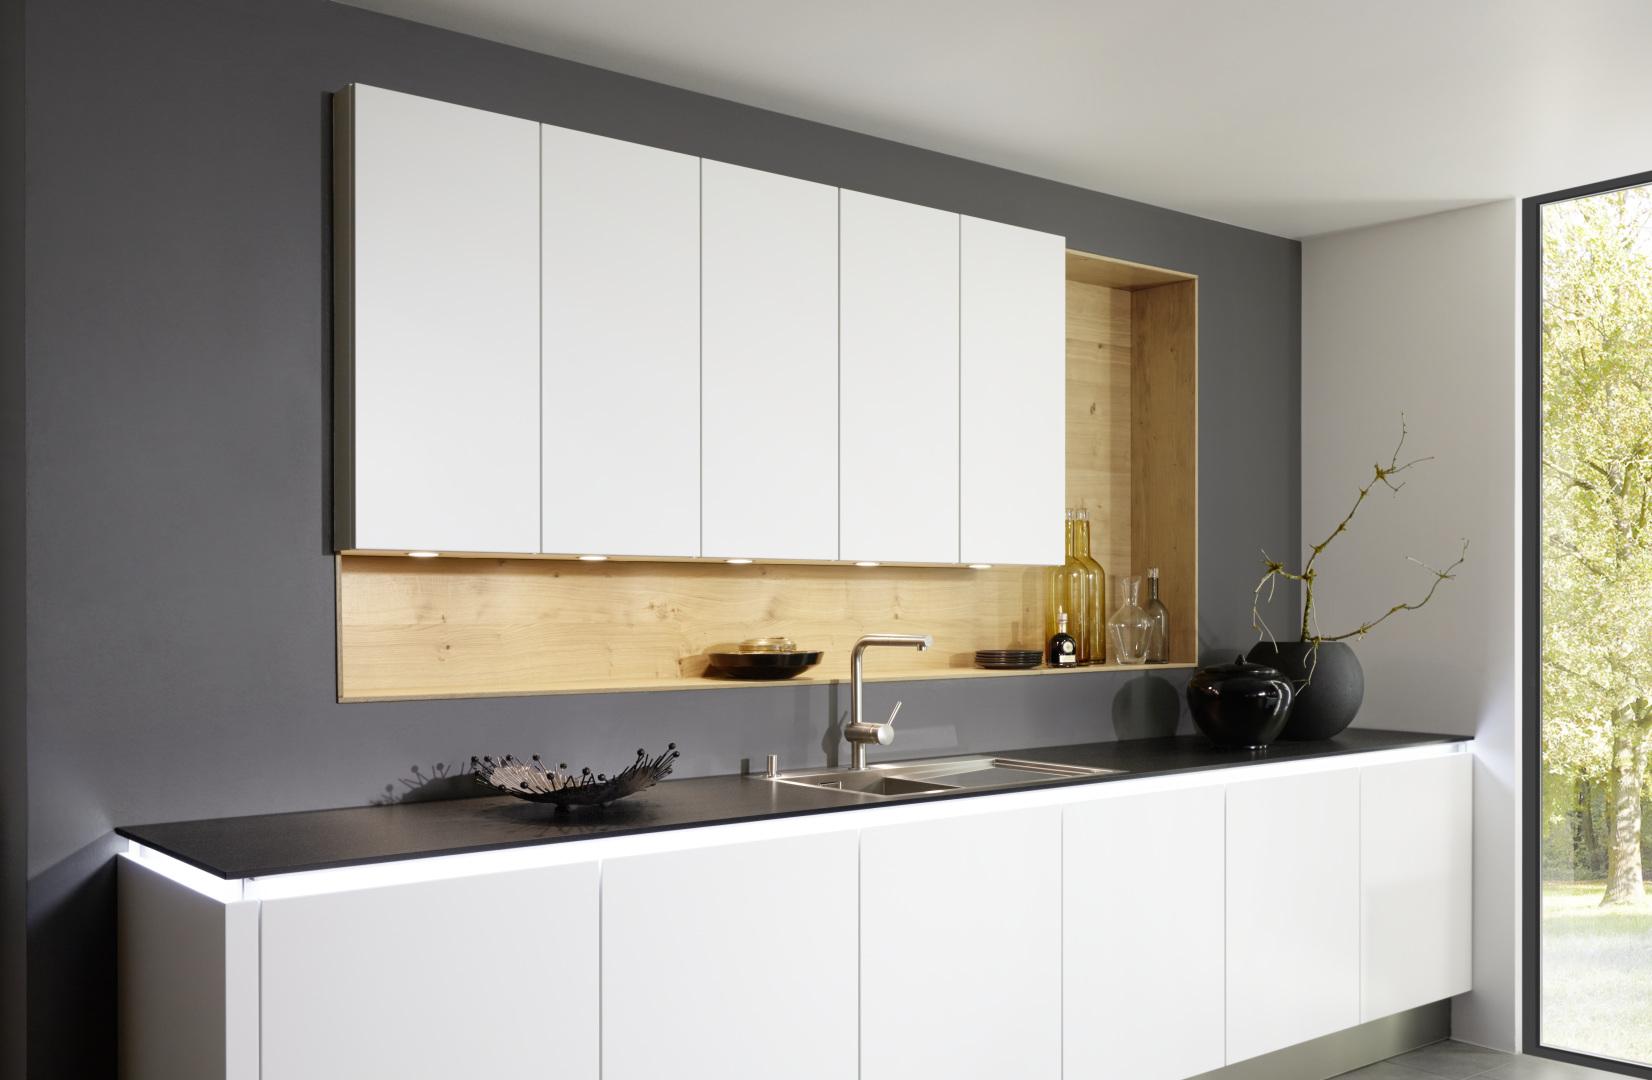 Rangement et aménagement cuisiniste haut de gamme blanc moderne unique